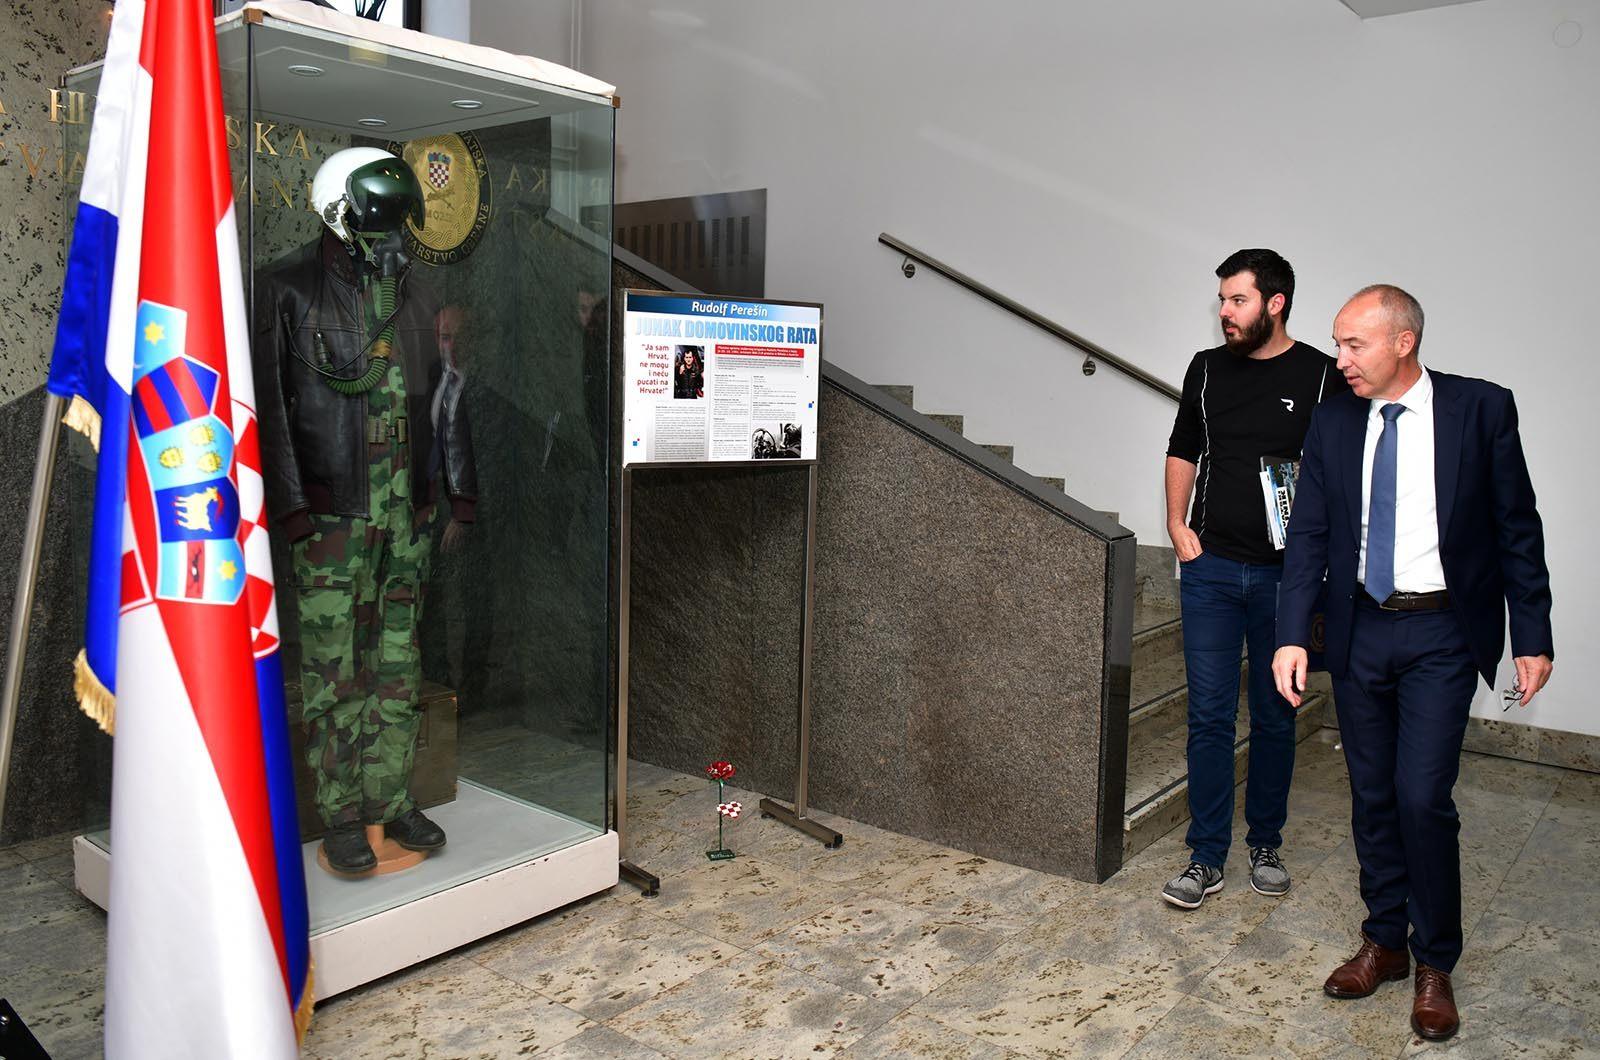 Ministar Krstičević s Matom Rimcem u MORH-u